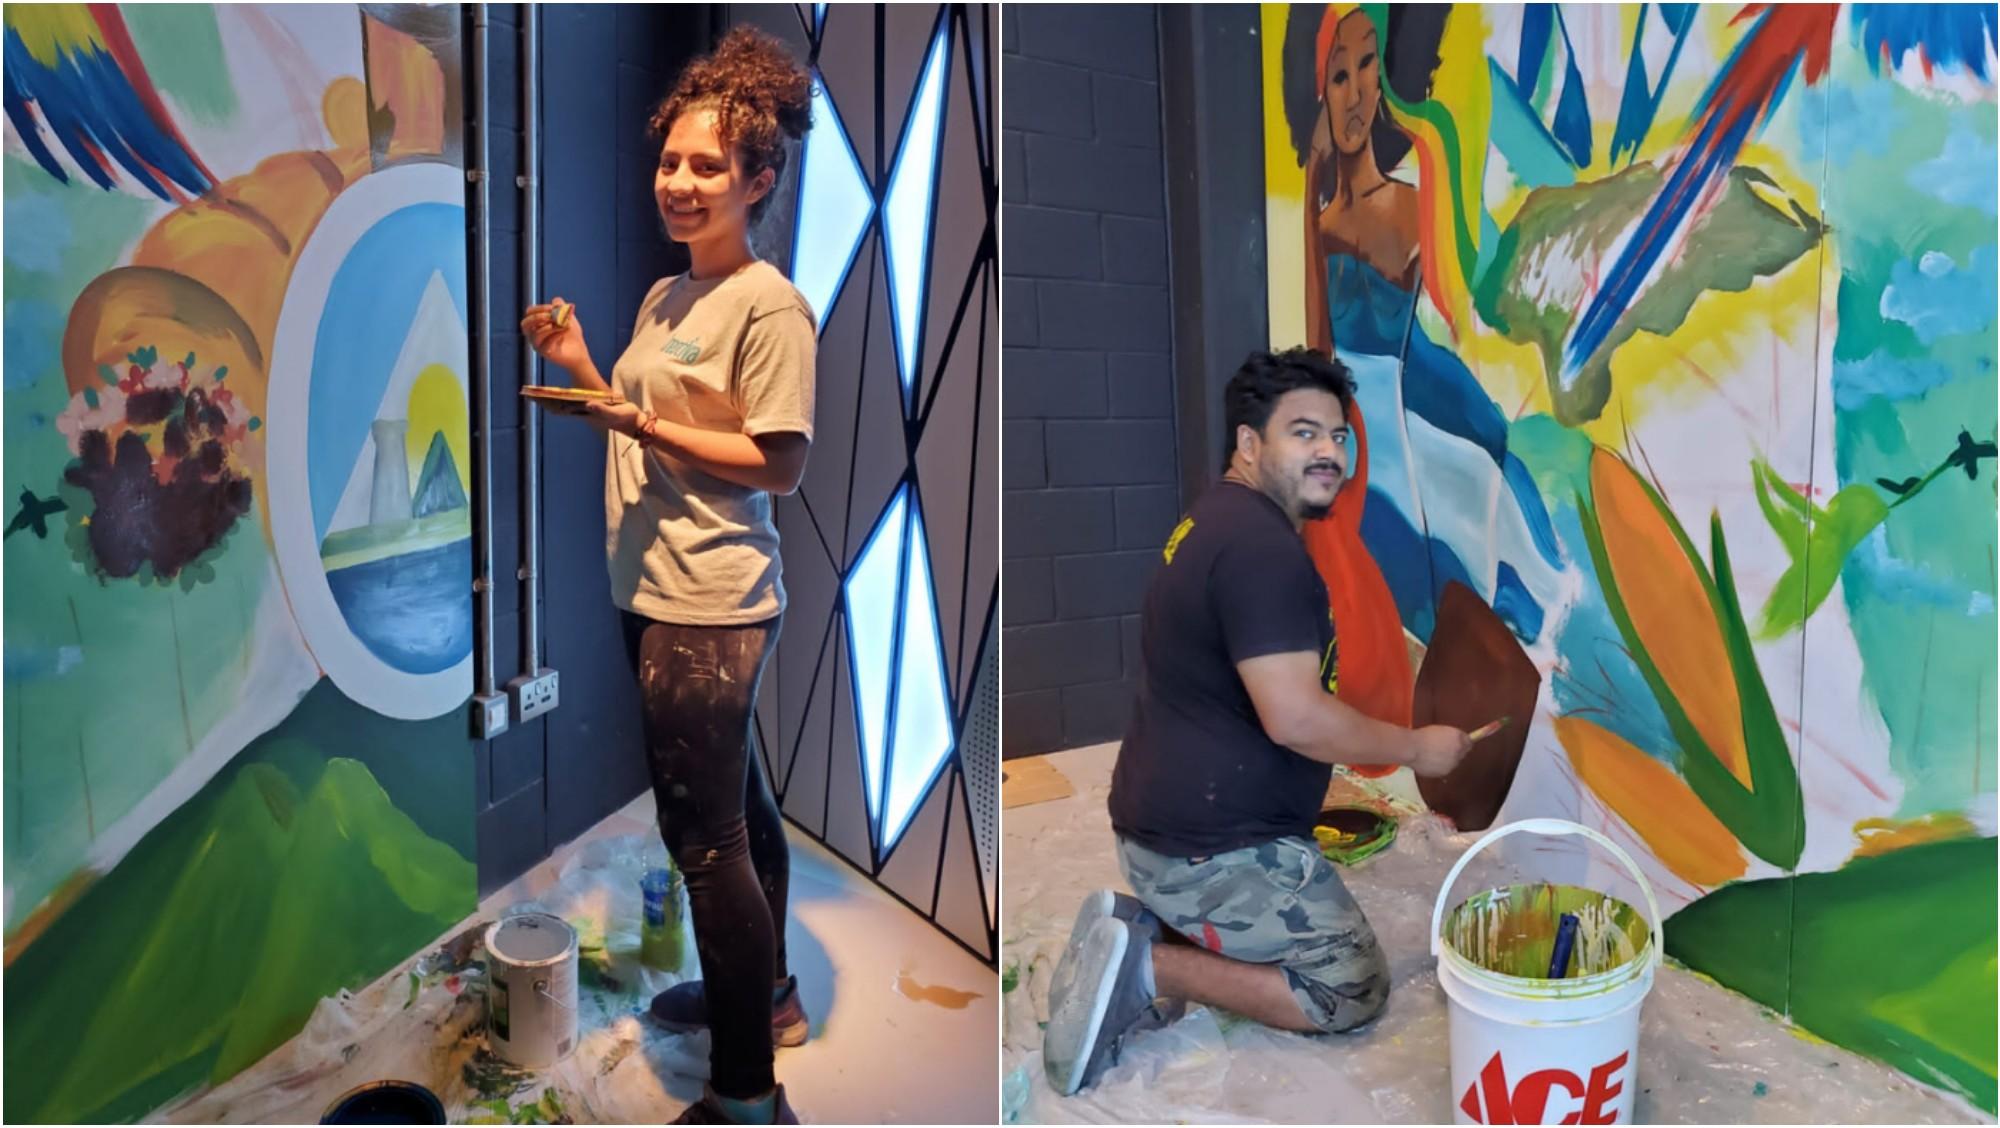 Artistas hondureños plasman su arte en la Expo Dubái 2020